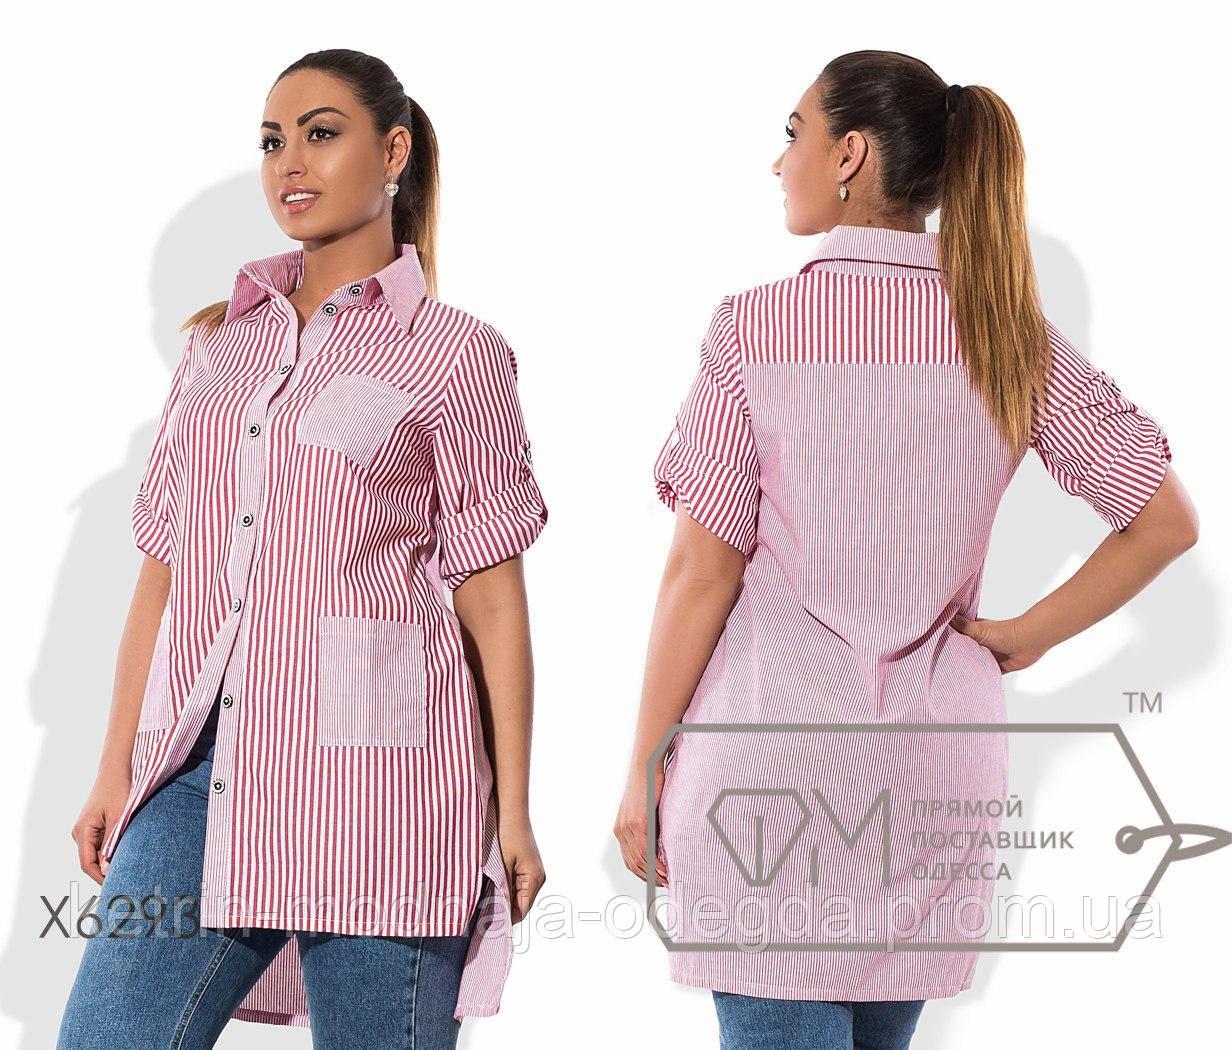 9a83da8e5a42 Модная женская удлиненная рубашка в полоску большого размера 48, 50, 52,  54: продажа, ...